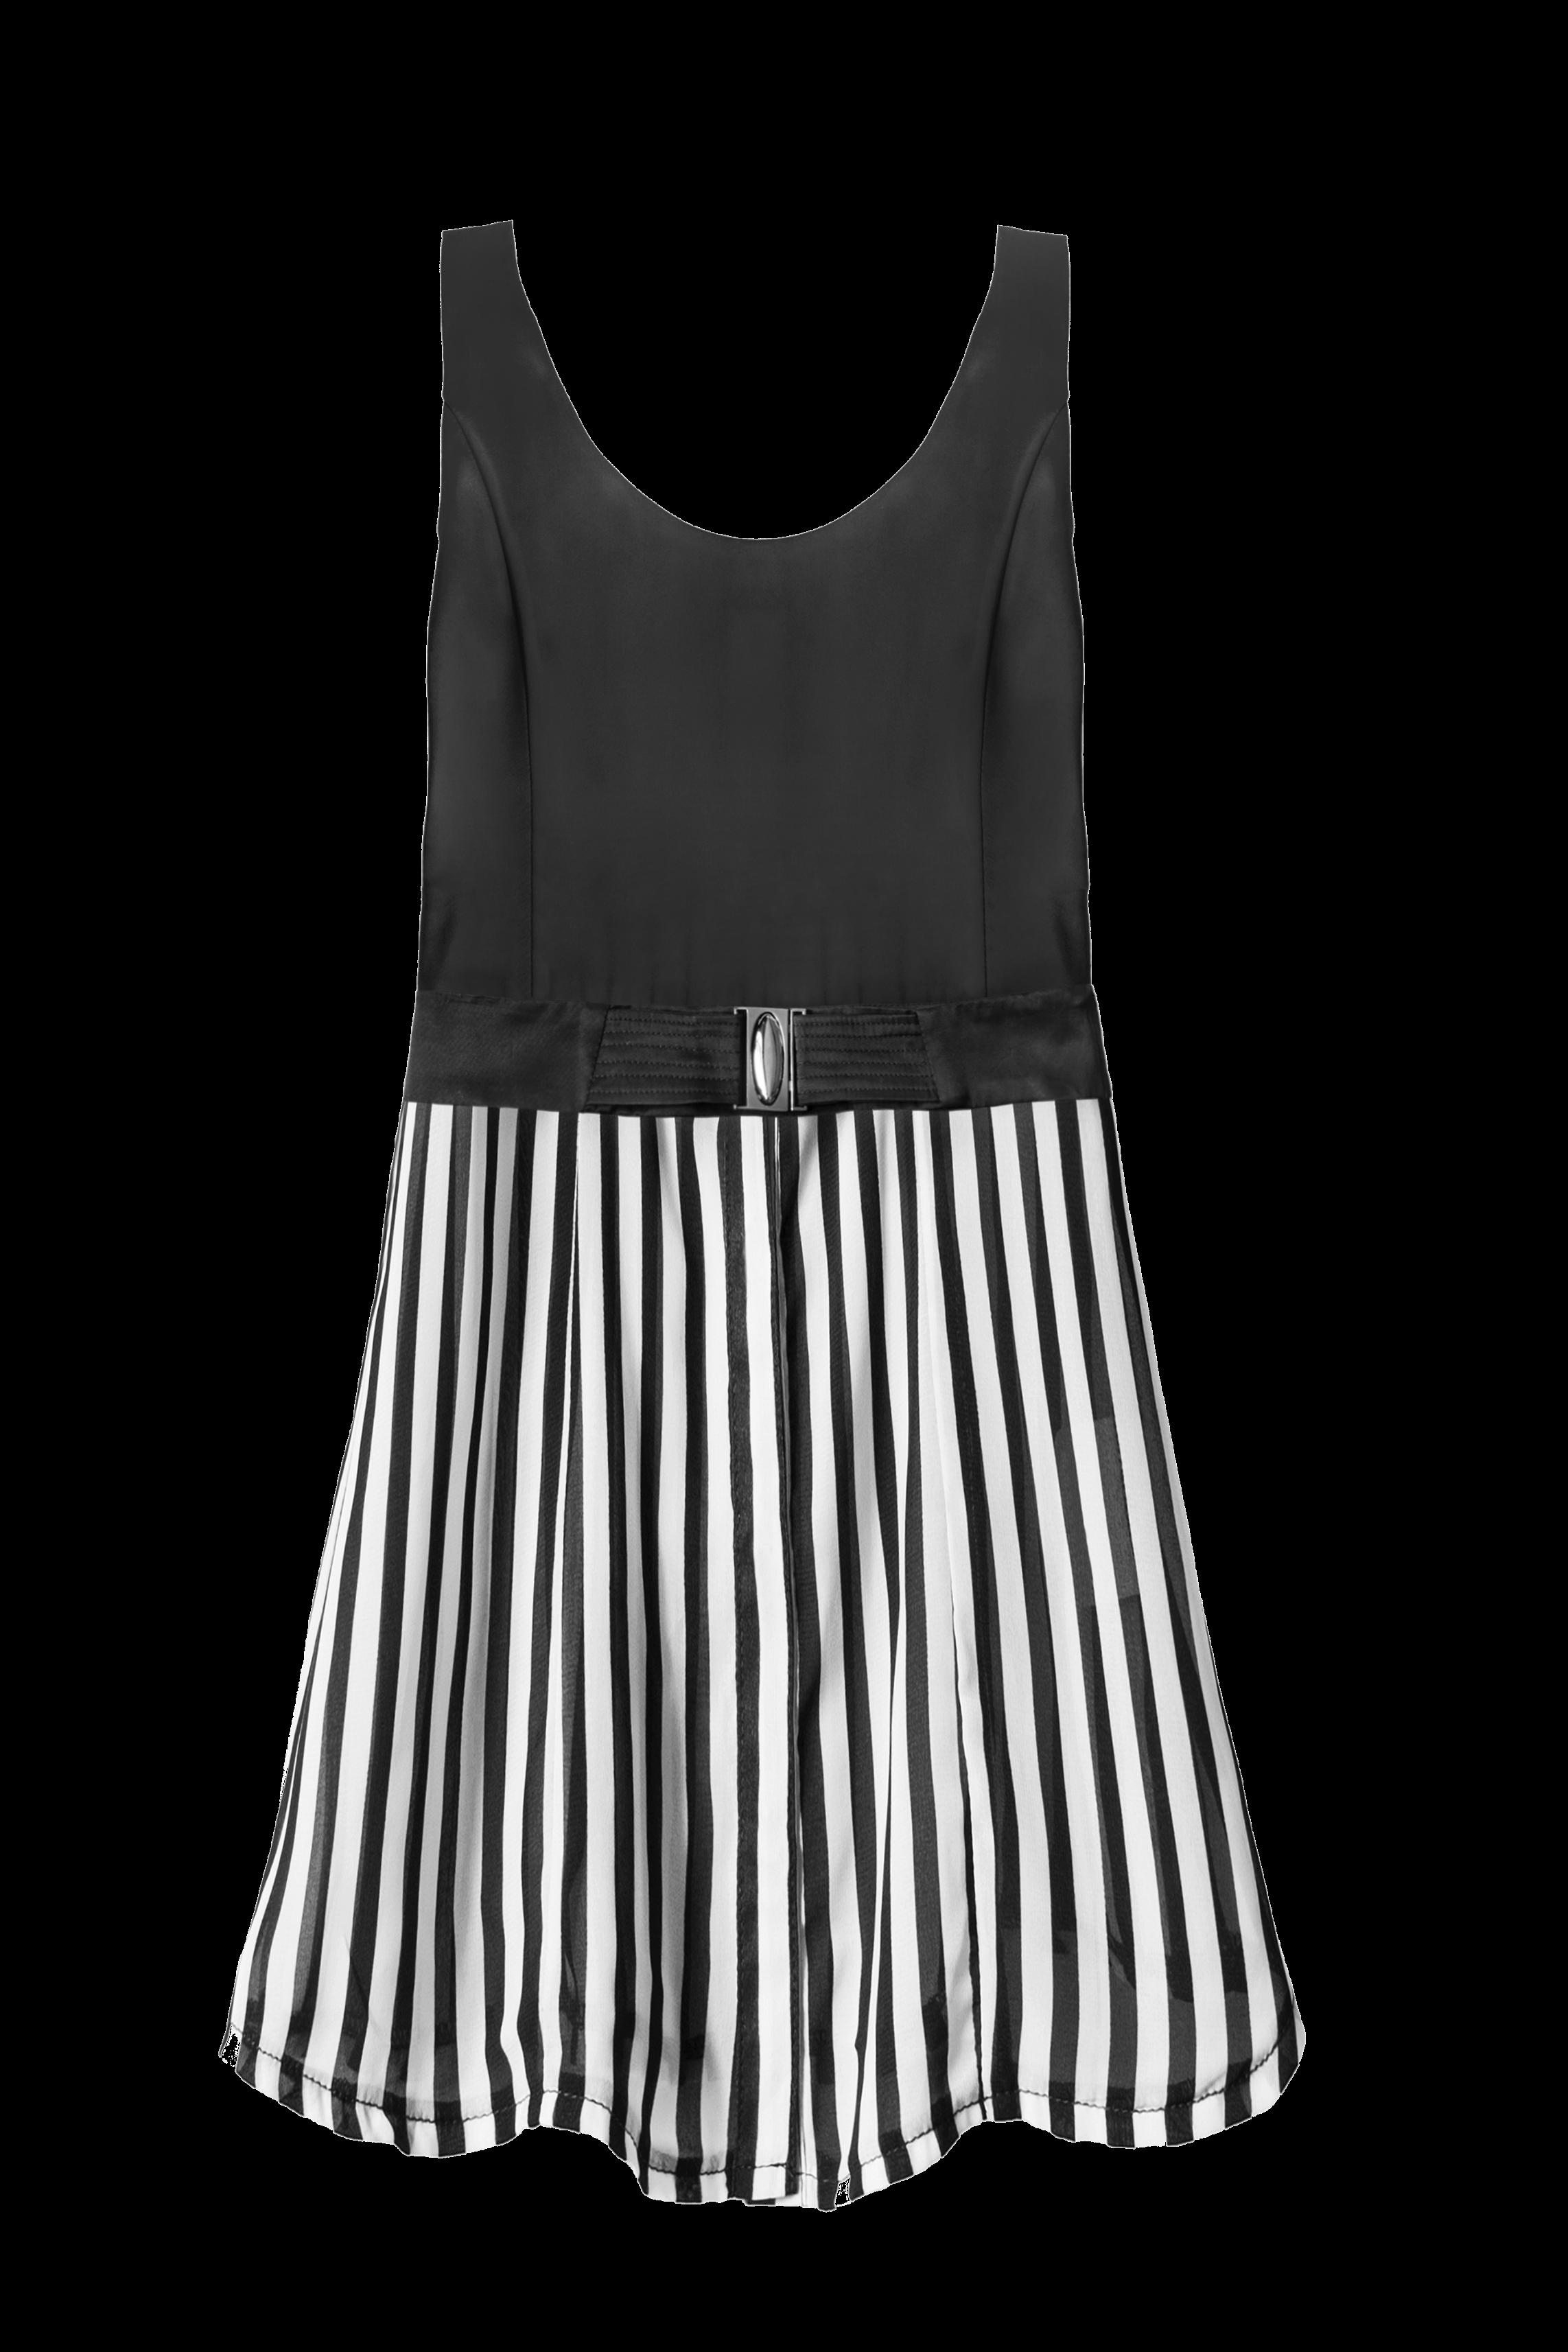 weiß-schwarz-gestreiftes-kleid